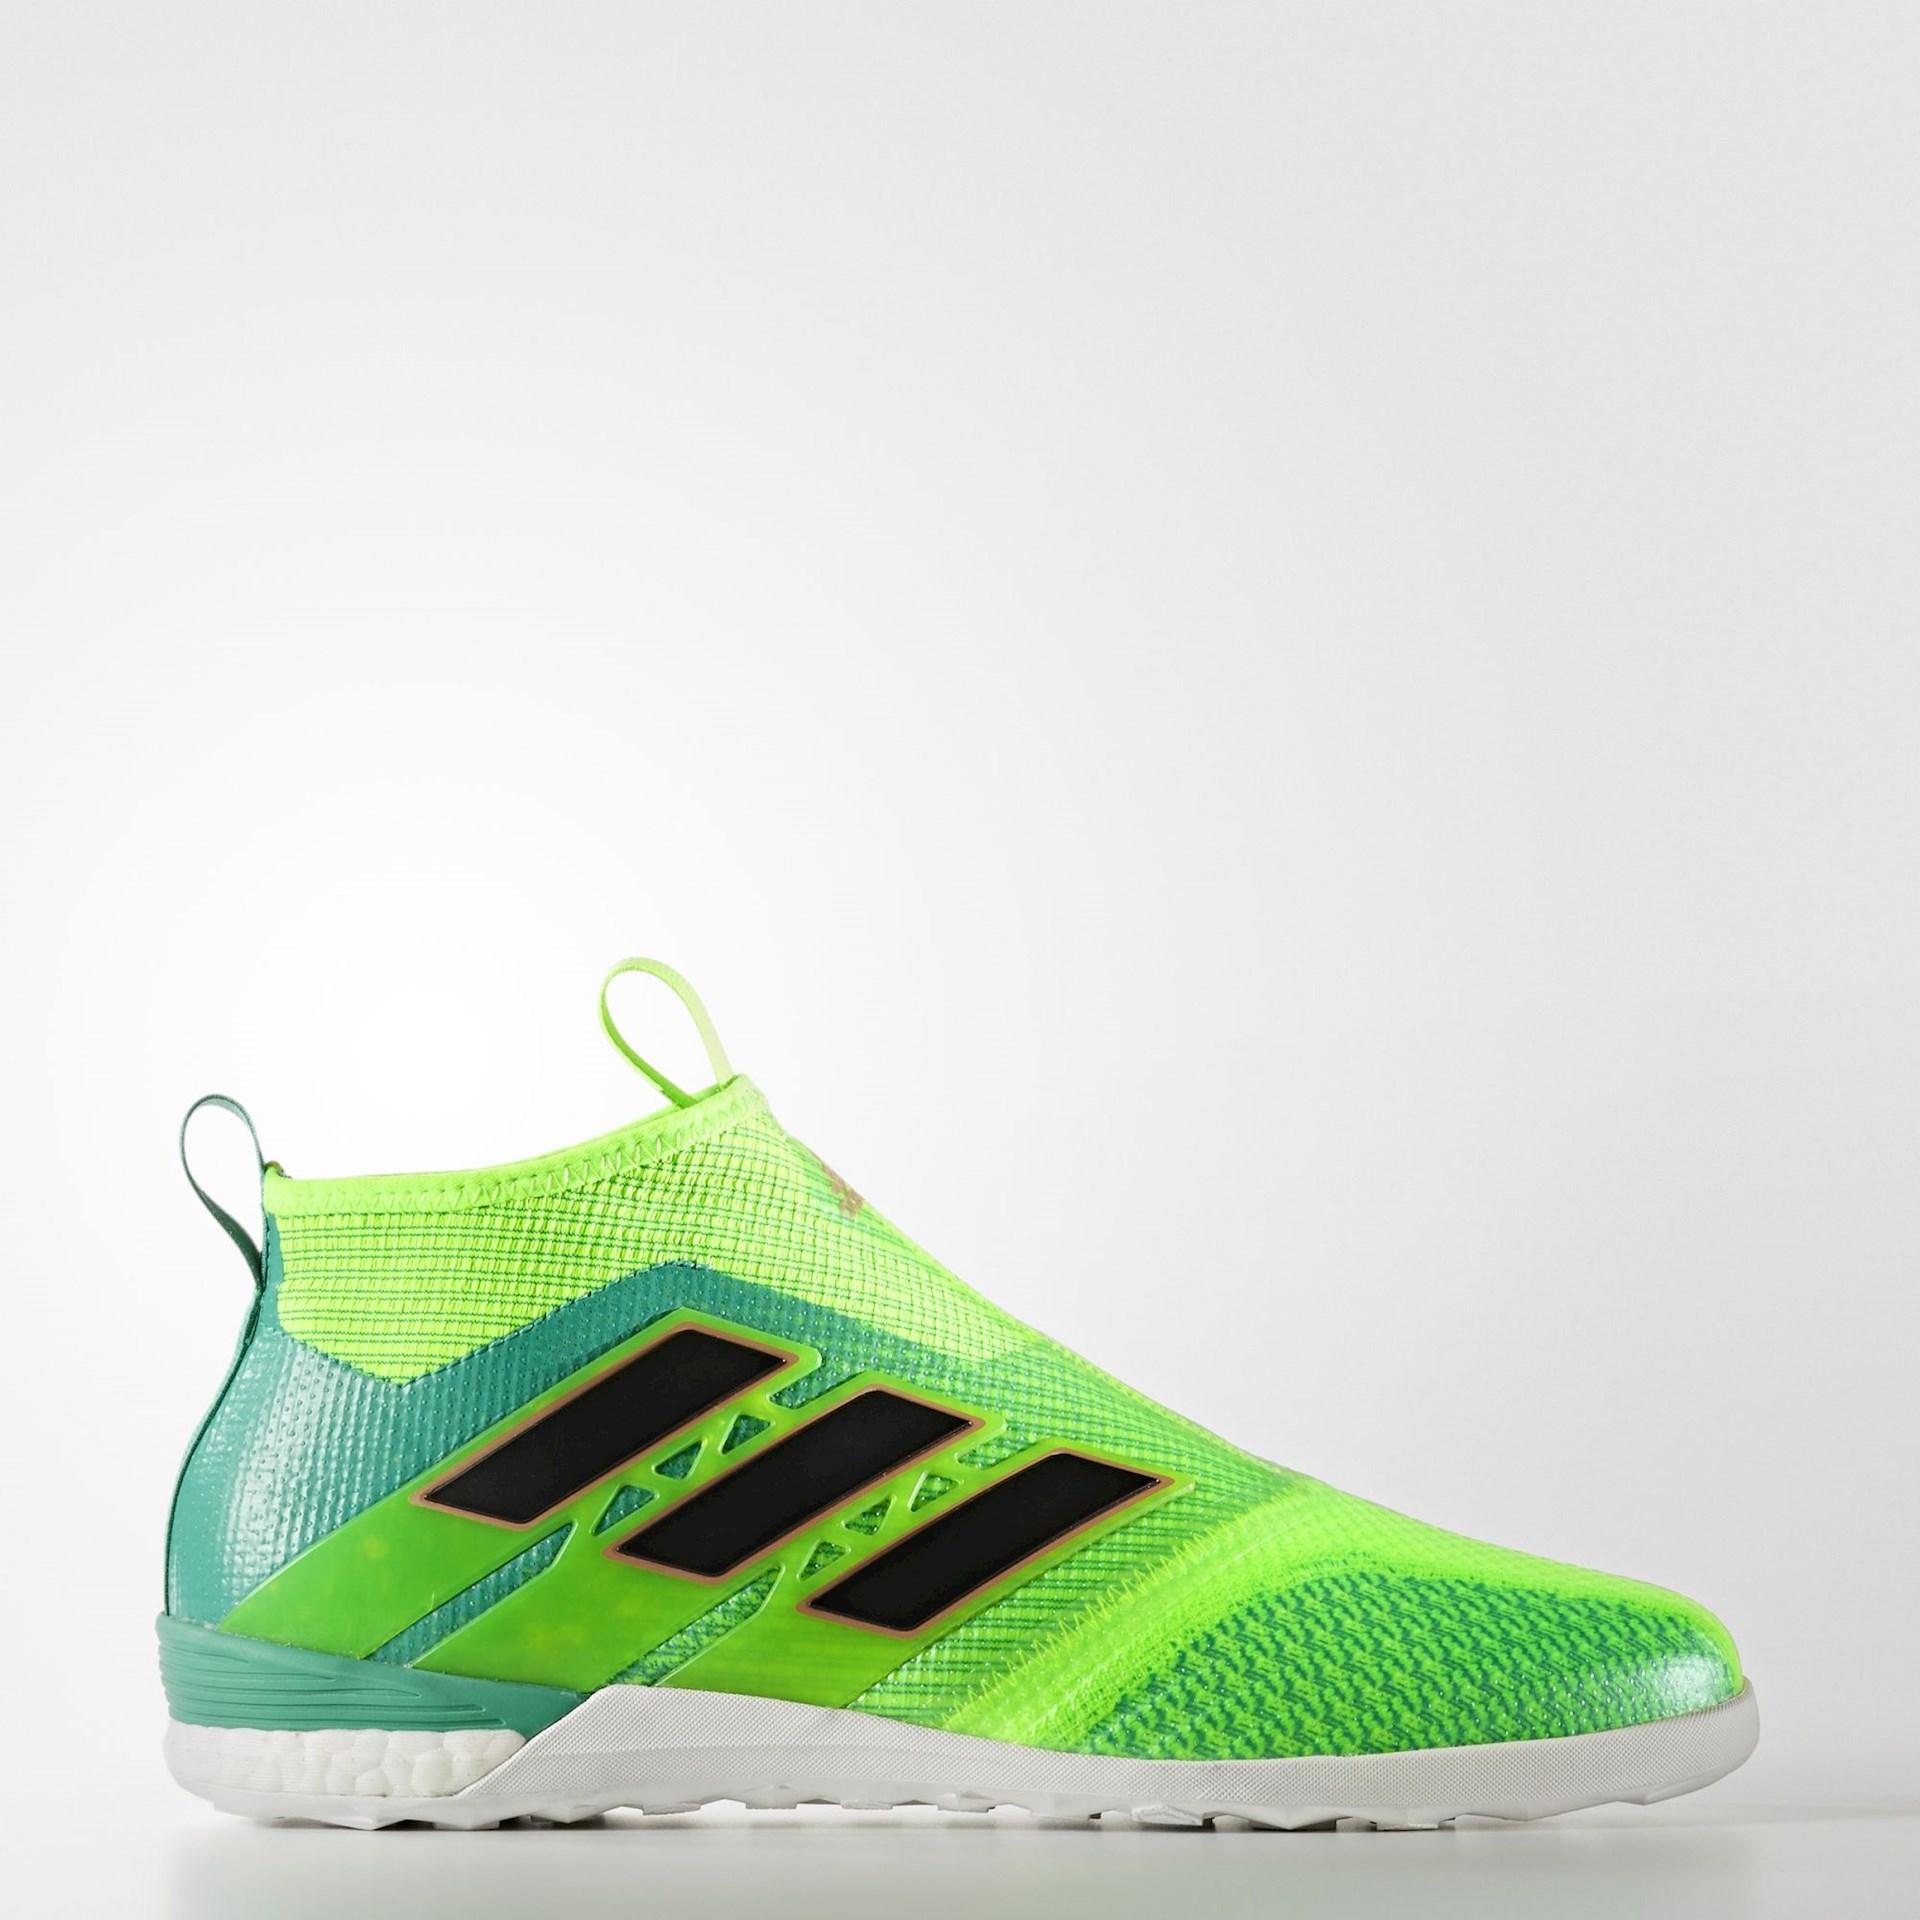 7c86fc15a23 adidas Ace 17 Voetbalschoenen - Voetbal-schoenen.eu